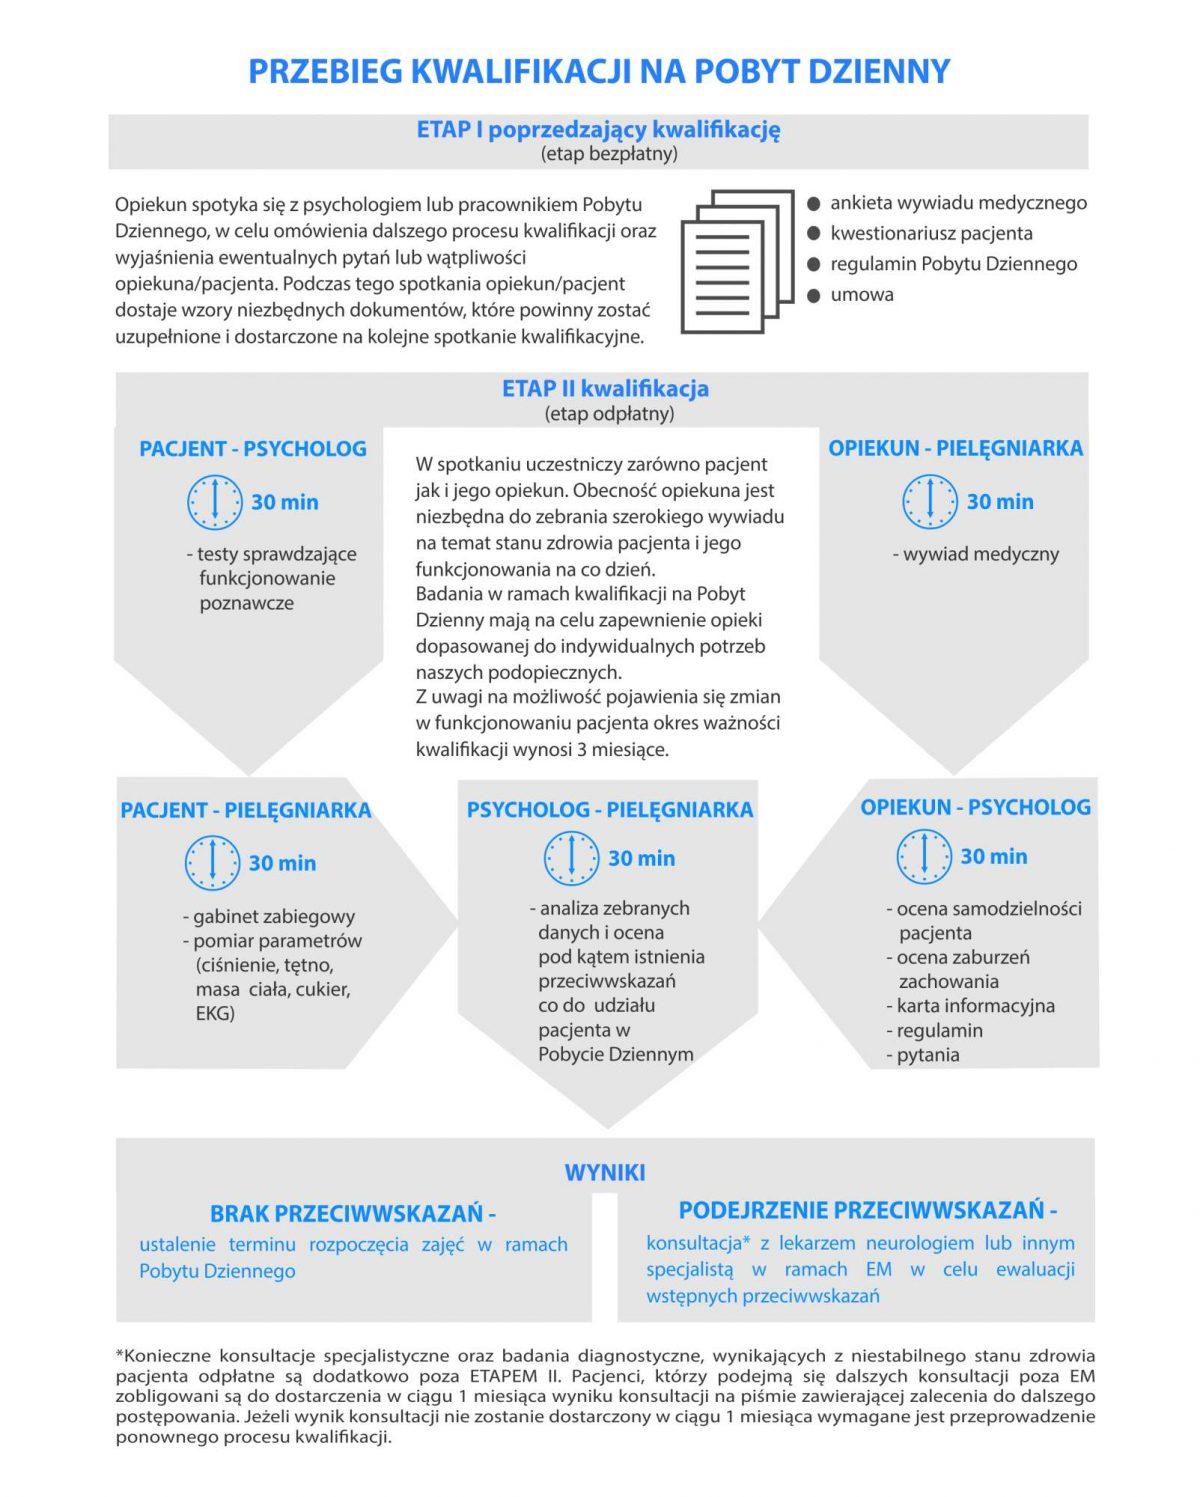 Przebieg kwalifikacji na POBYT DZIENNY A4_1